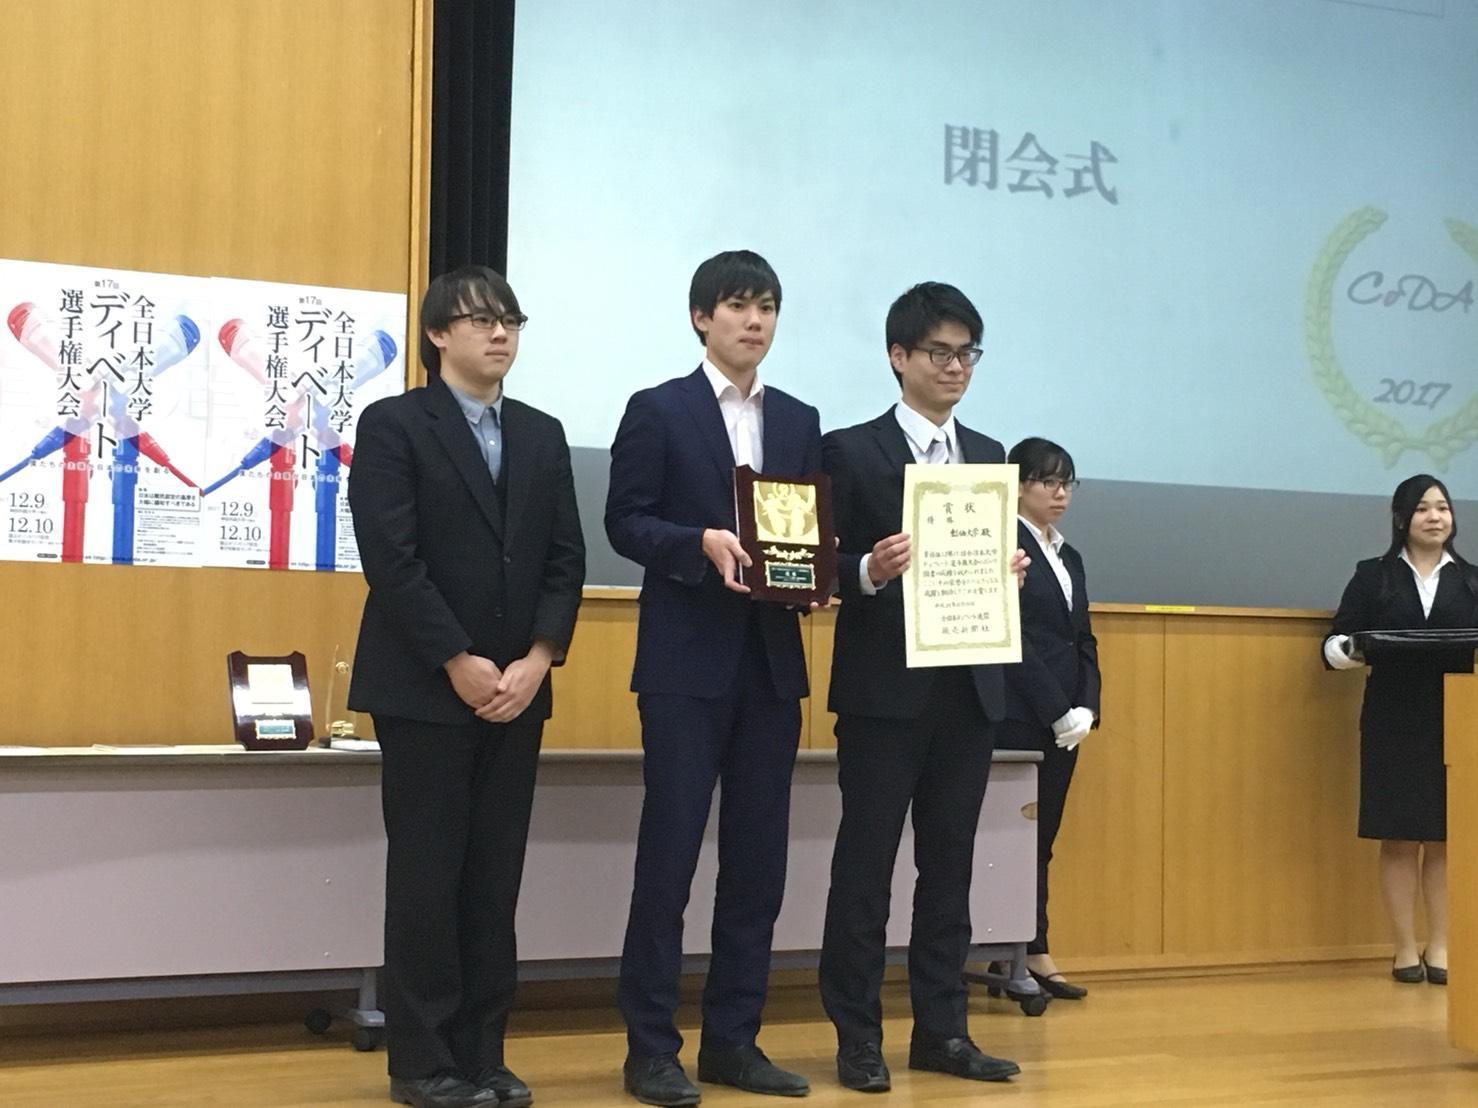 創価大学チームが「全日本大学ディベート選手権大会」で優勝 -- 「ベストディベーター賞」も受賞